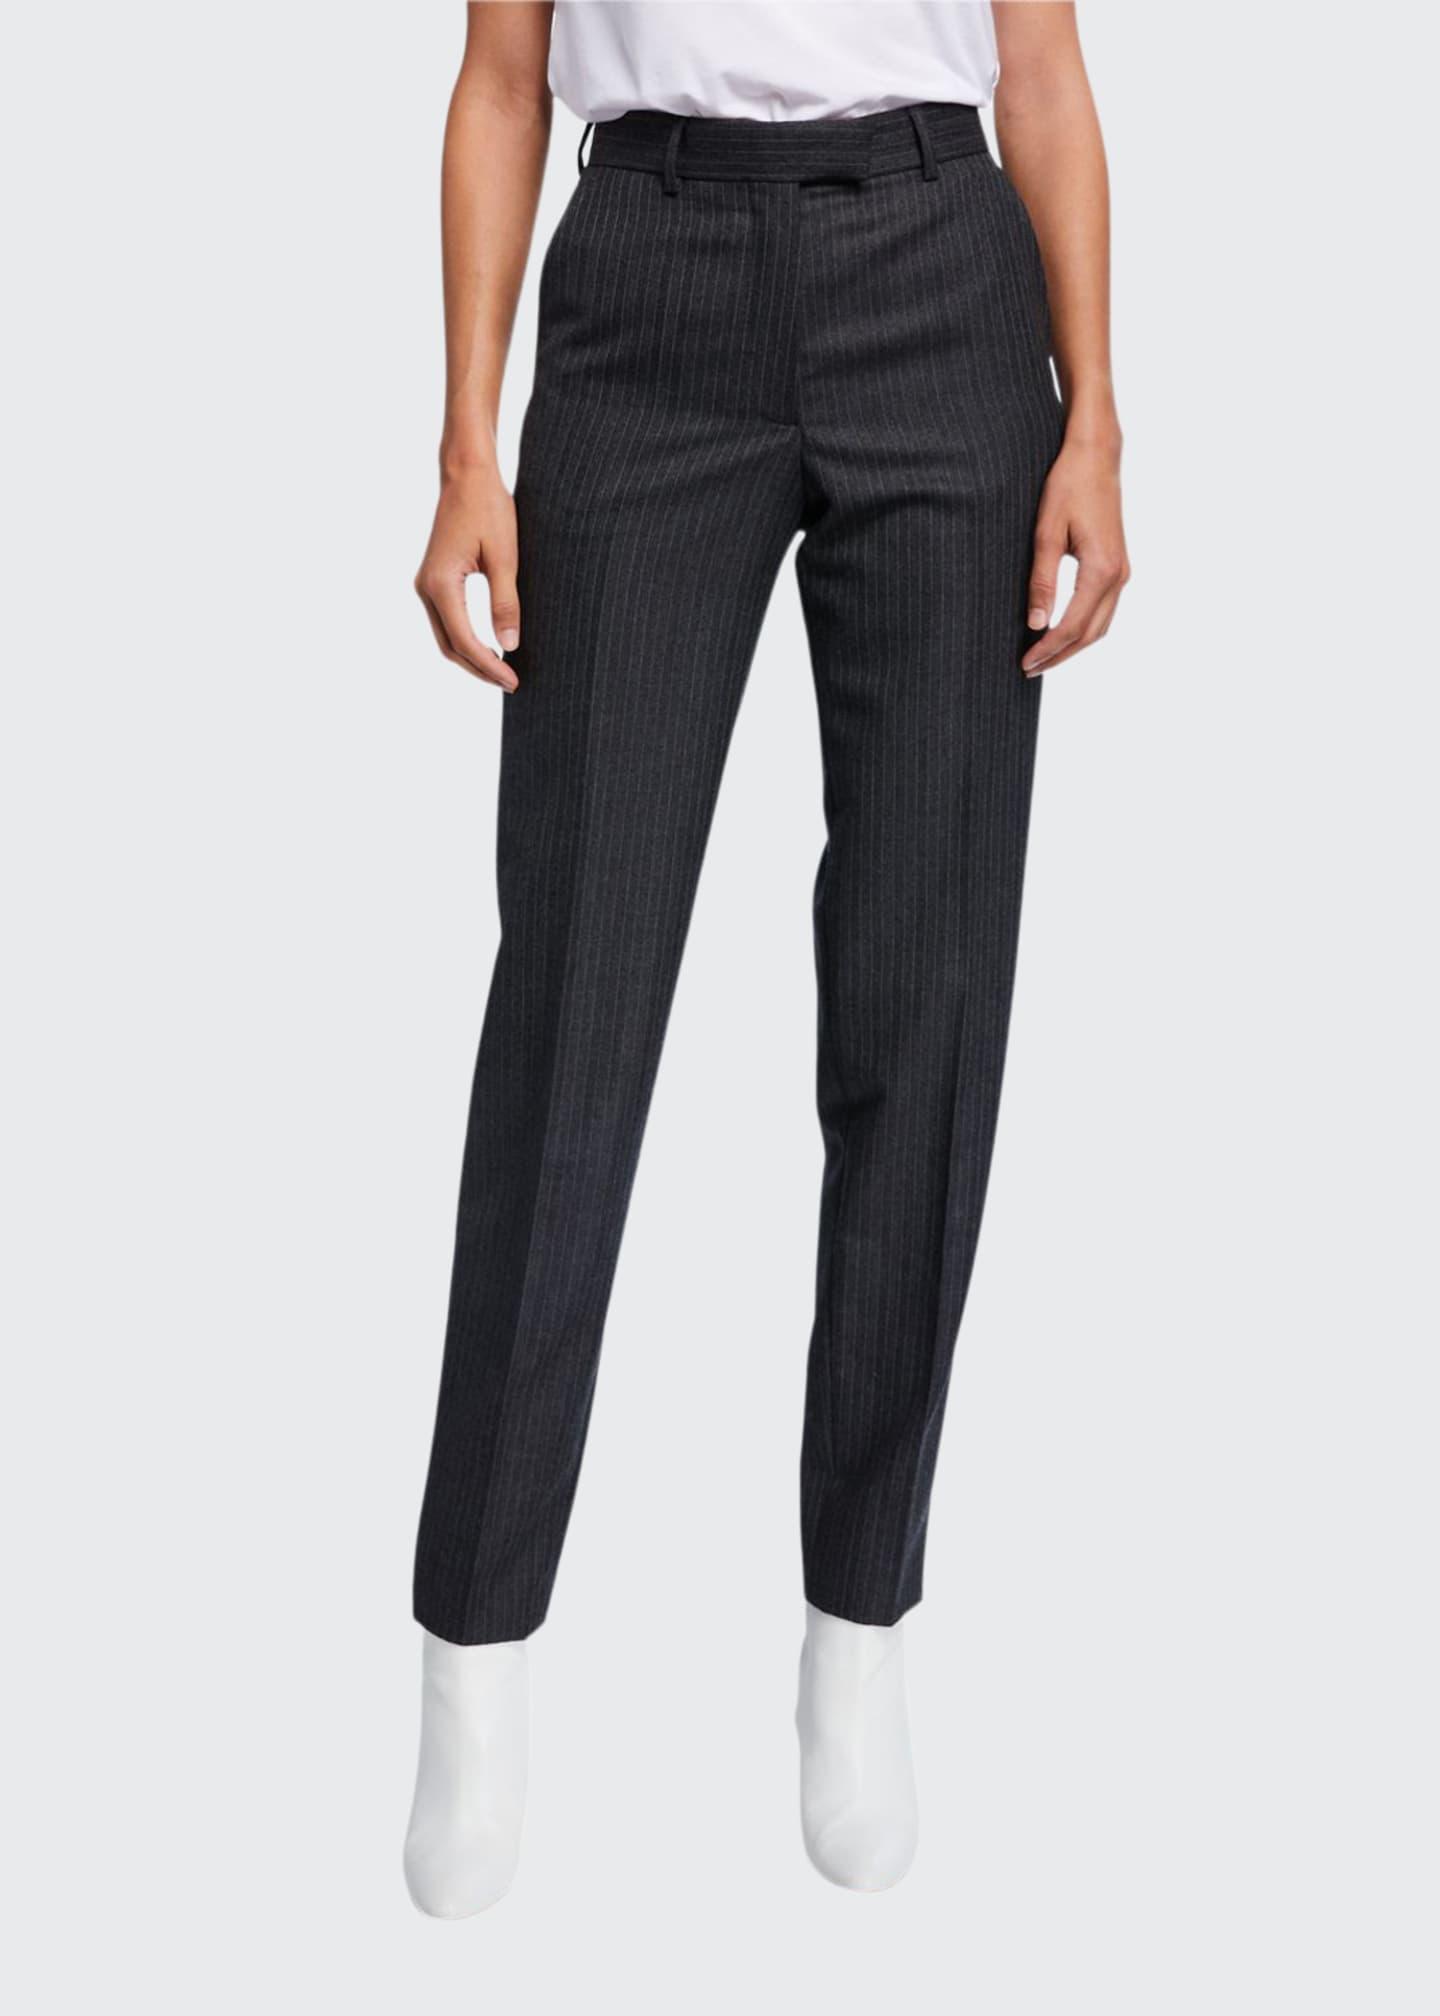 Dries Van Noten Pinstriped Wool Front Pants